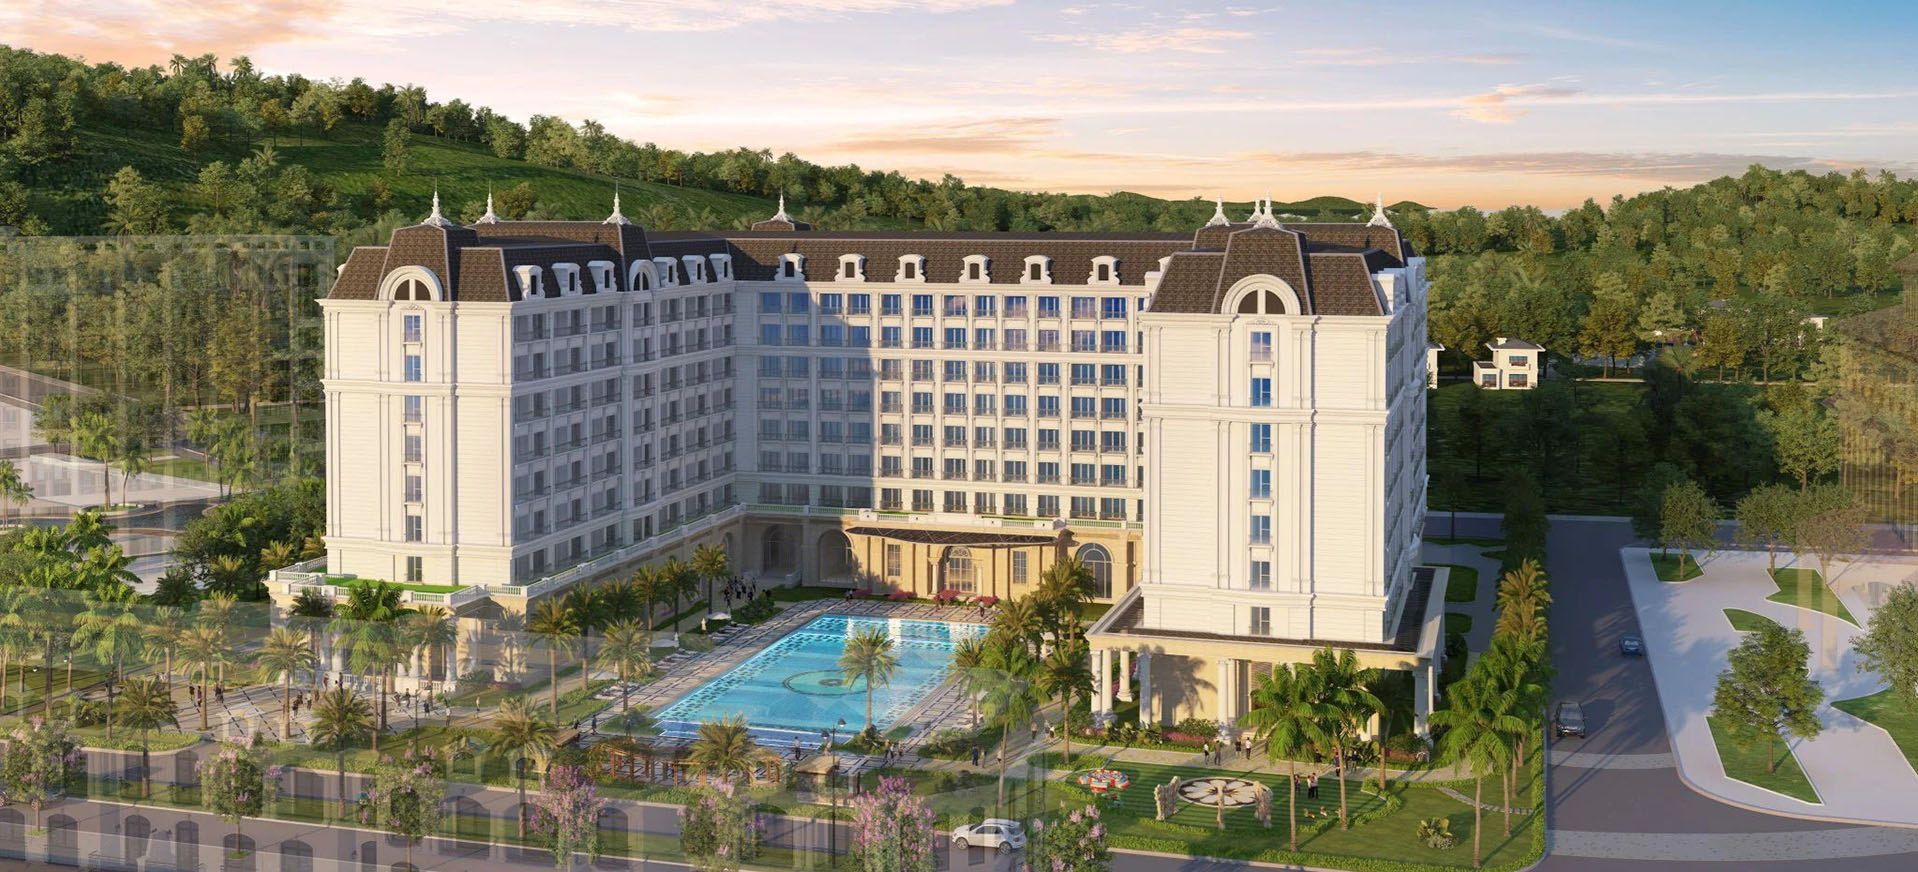 Condotel Vinholidays – Đầu tư sinh lời bền vững tại quần thể nghỉ dưỡng lớn nhất Phú Quốc